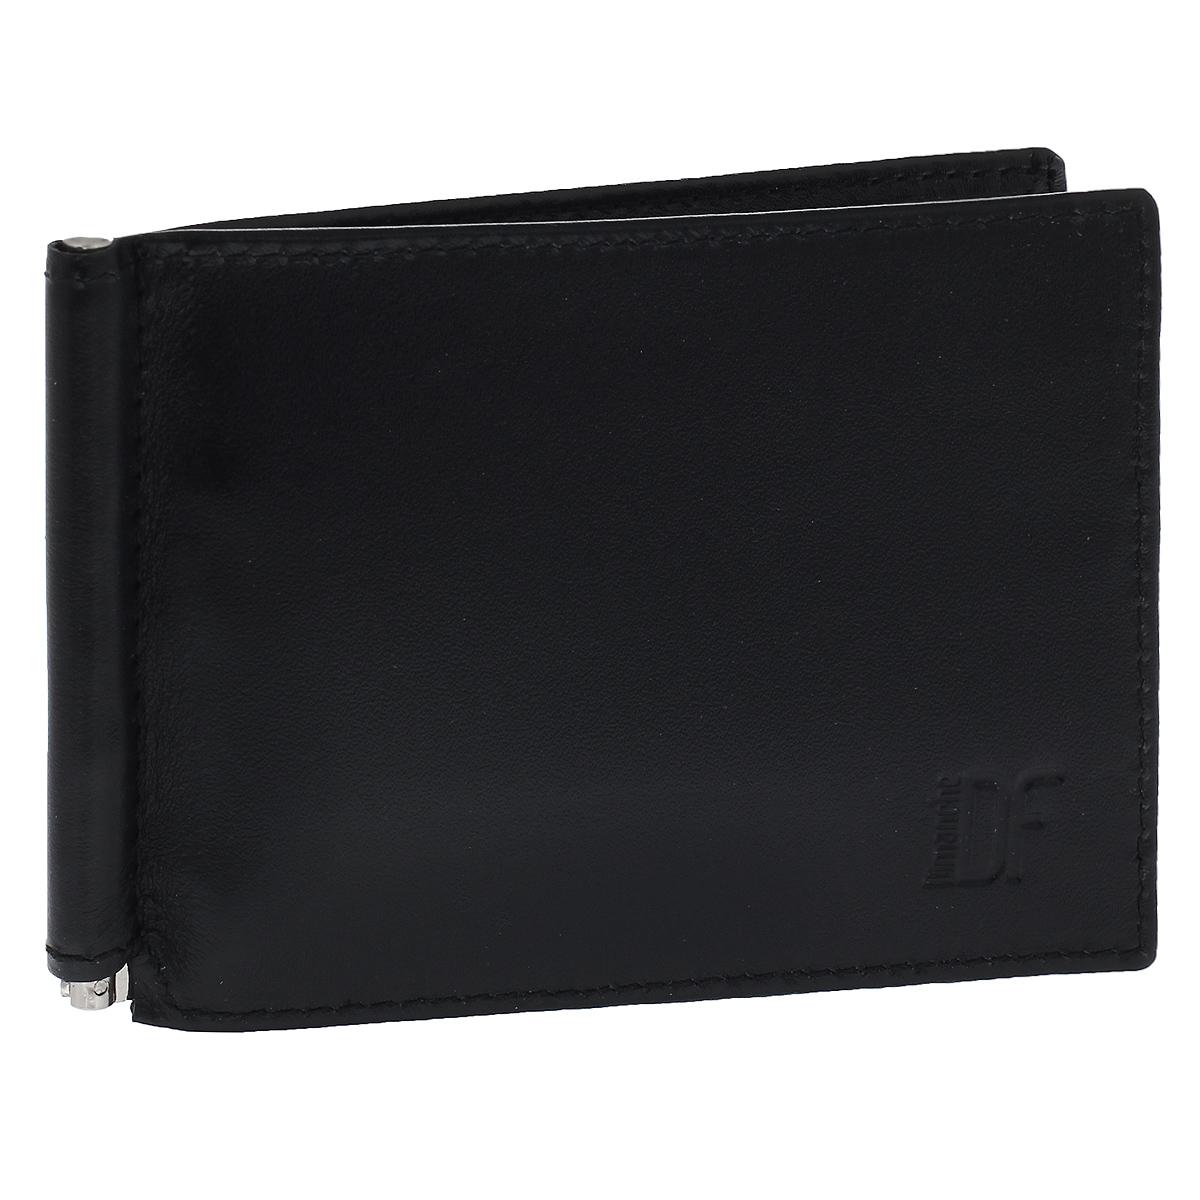 Зажим для денег Dimanche Bond, цвет: черный. 969/1969/1Зажим для денег Dimanche Bond изготовлен из высококачественной натуральной матовой кожи черного цвета. Зажим снабжен фиксирующейся в открытом положении металлической скобой для денег. Внутри также содержится 6 кармашков для пластиковых карт и 2 потайных кармашка. Фурнитура - серебристого цвета. Зажим для денег стильного дизайна идеально дополнит ваш образ и станет незаменимым аксессуаром, который поместится даже в самый маленький карман.